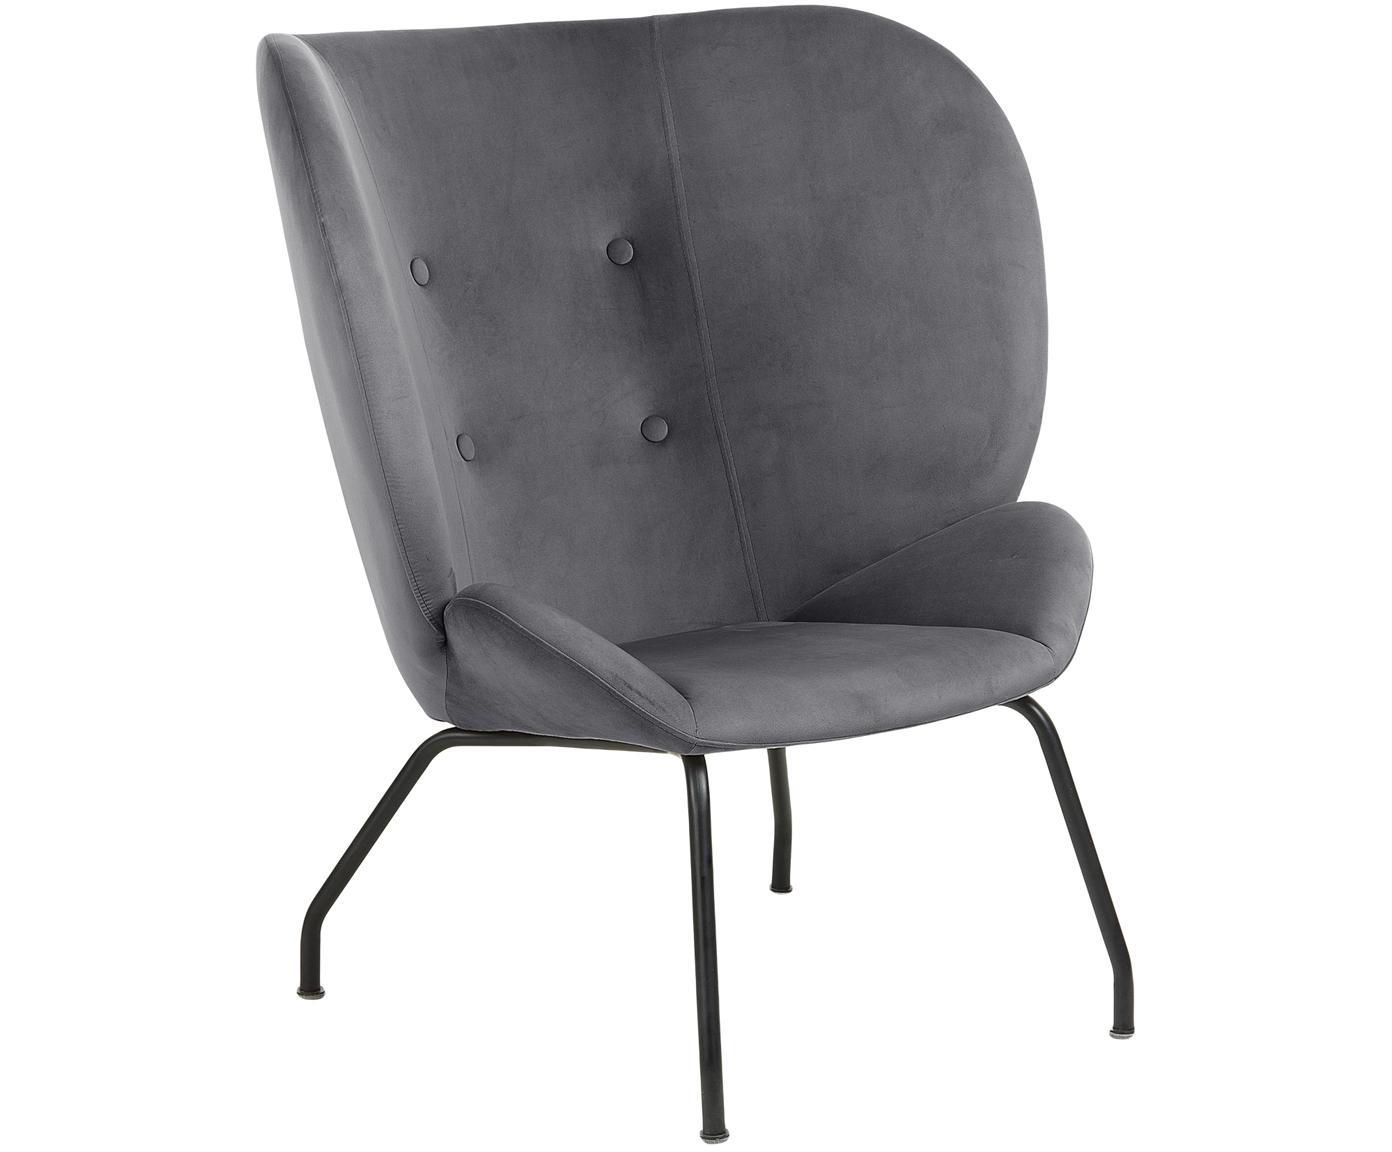 Fluwelen lounge fauteuil Vernen, Fluweel, metaal, Donkergrijs, zwart, B 90 x D 82 cm